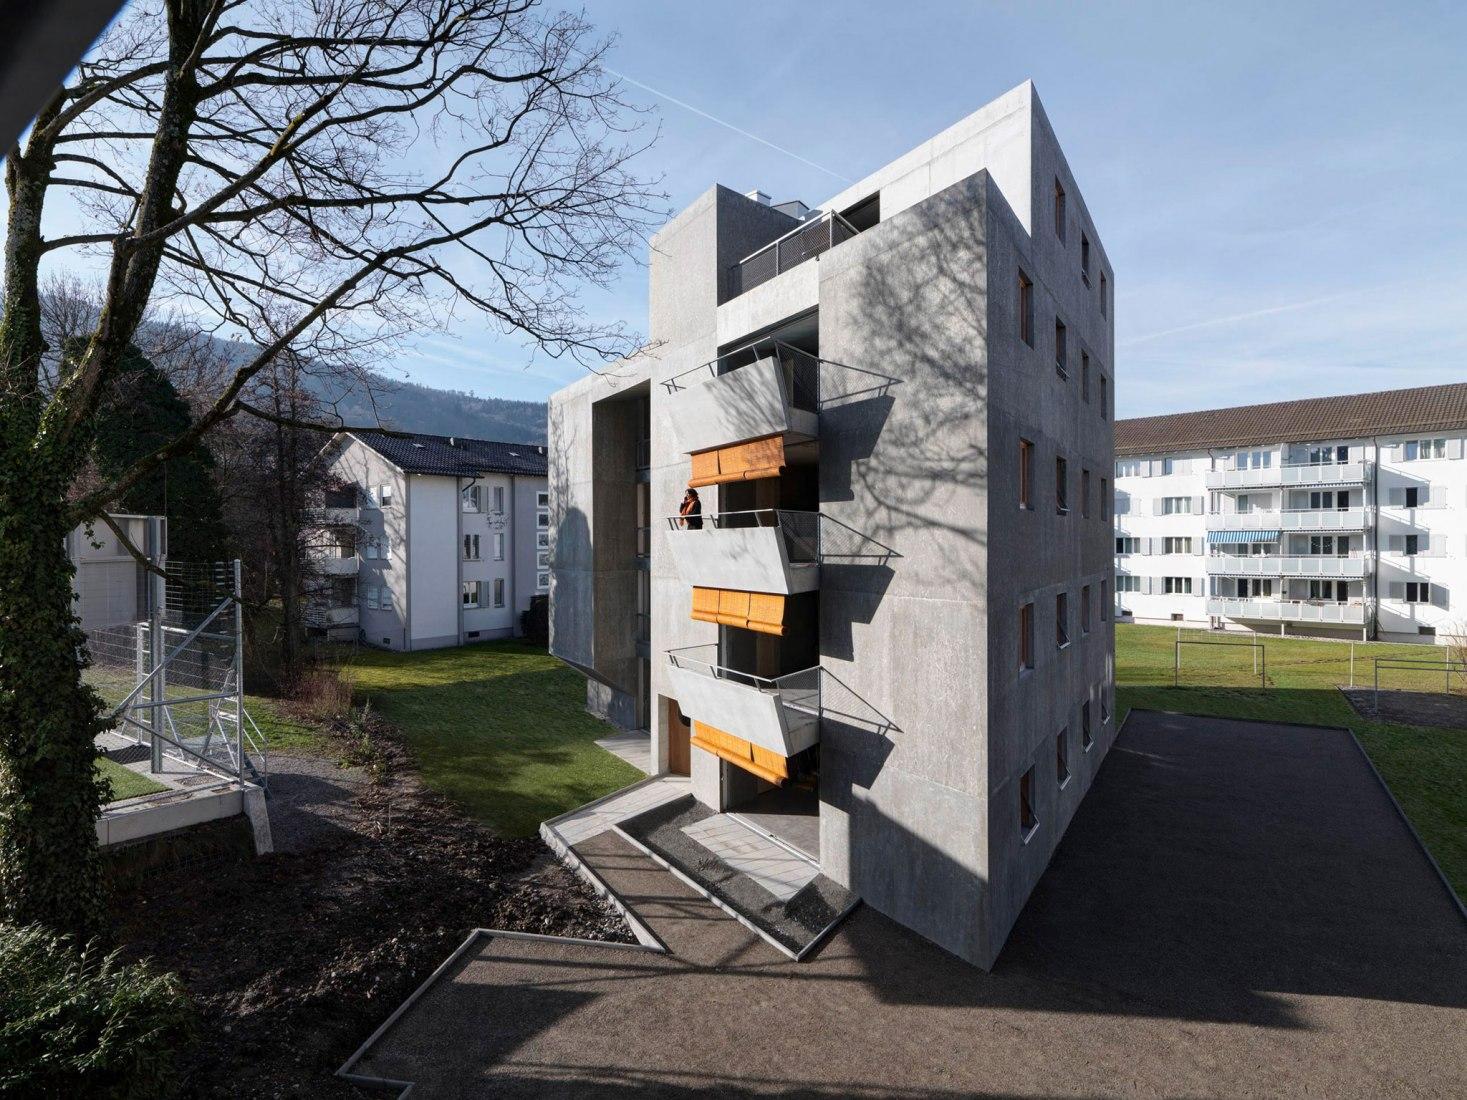 Viviendas sociales Langgrütstrasse por Gus Wüstemann Architects. Fotografía por Bruno Helbling